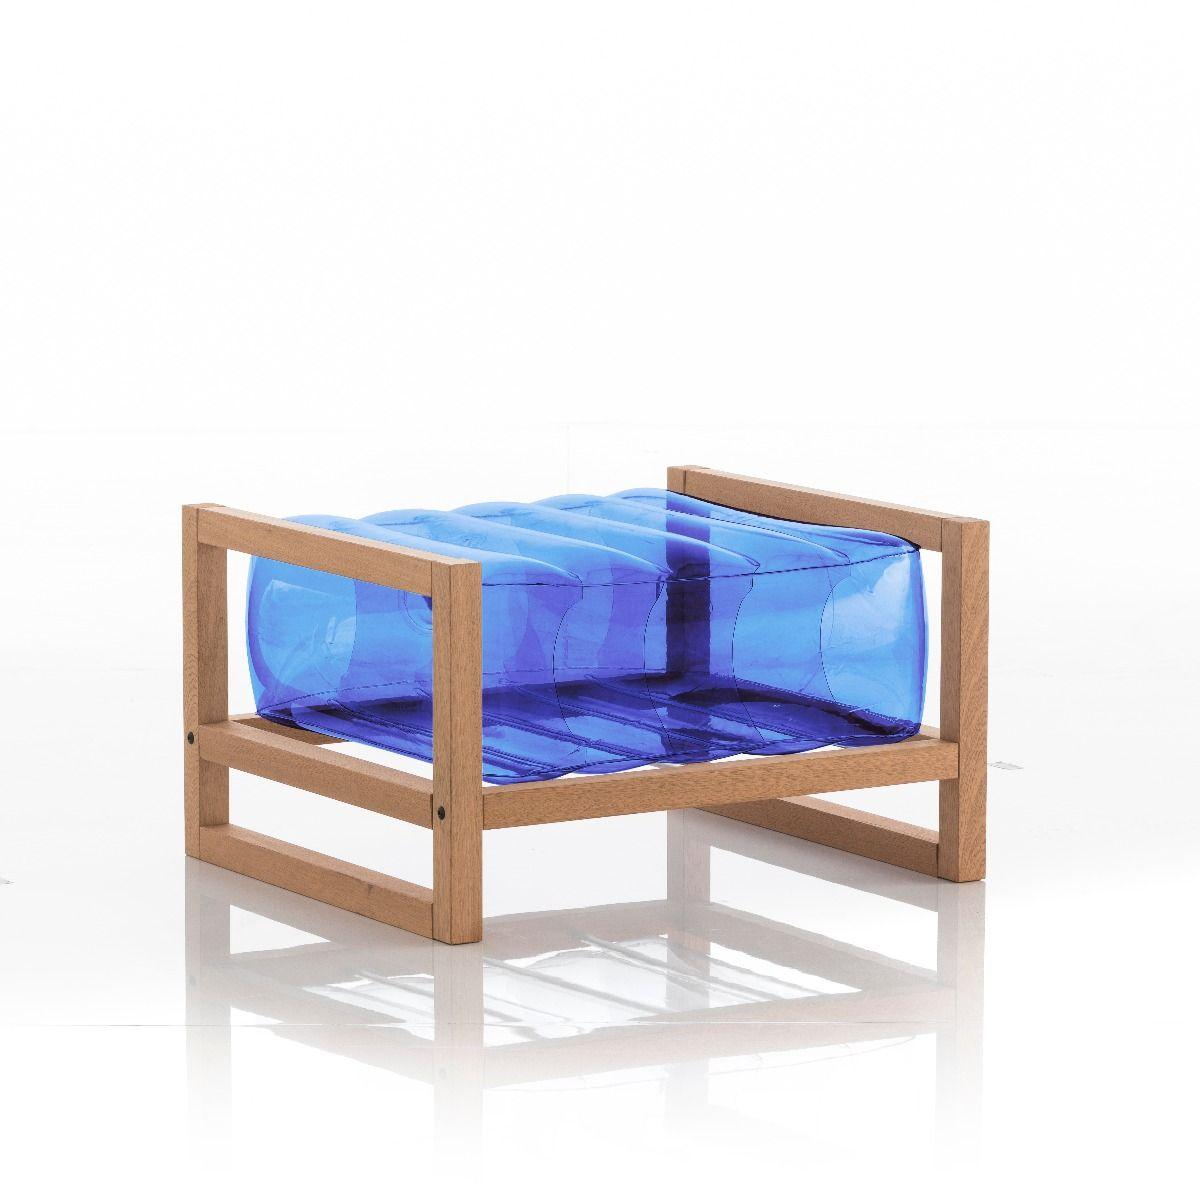 Pouf en bois et tpu bleu